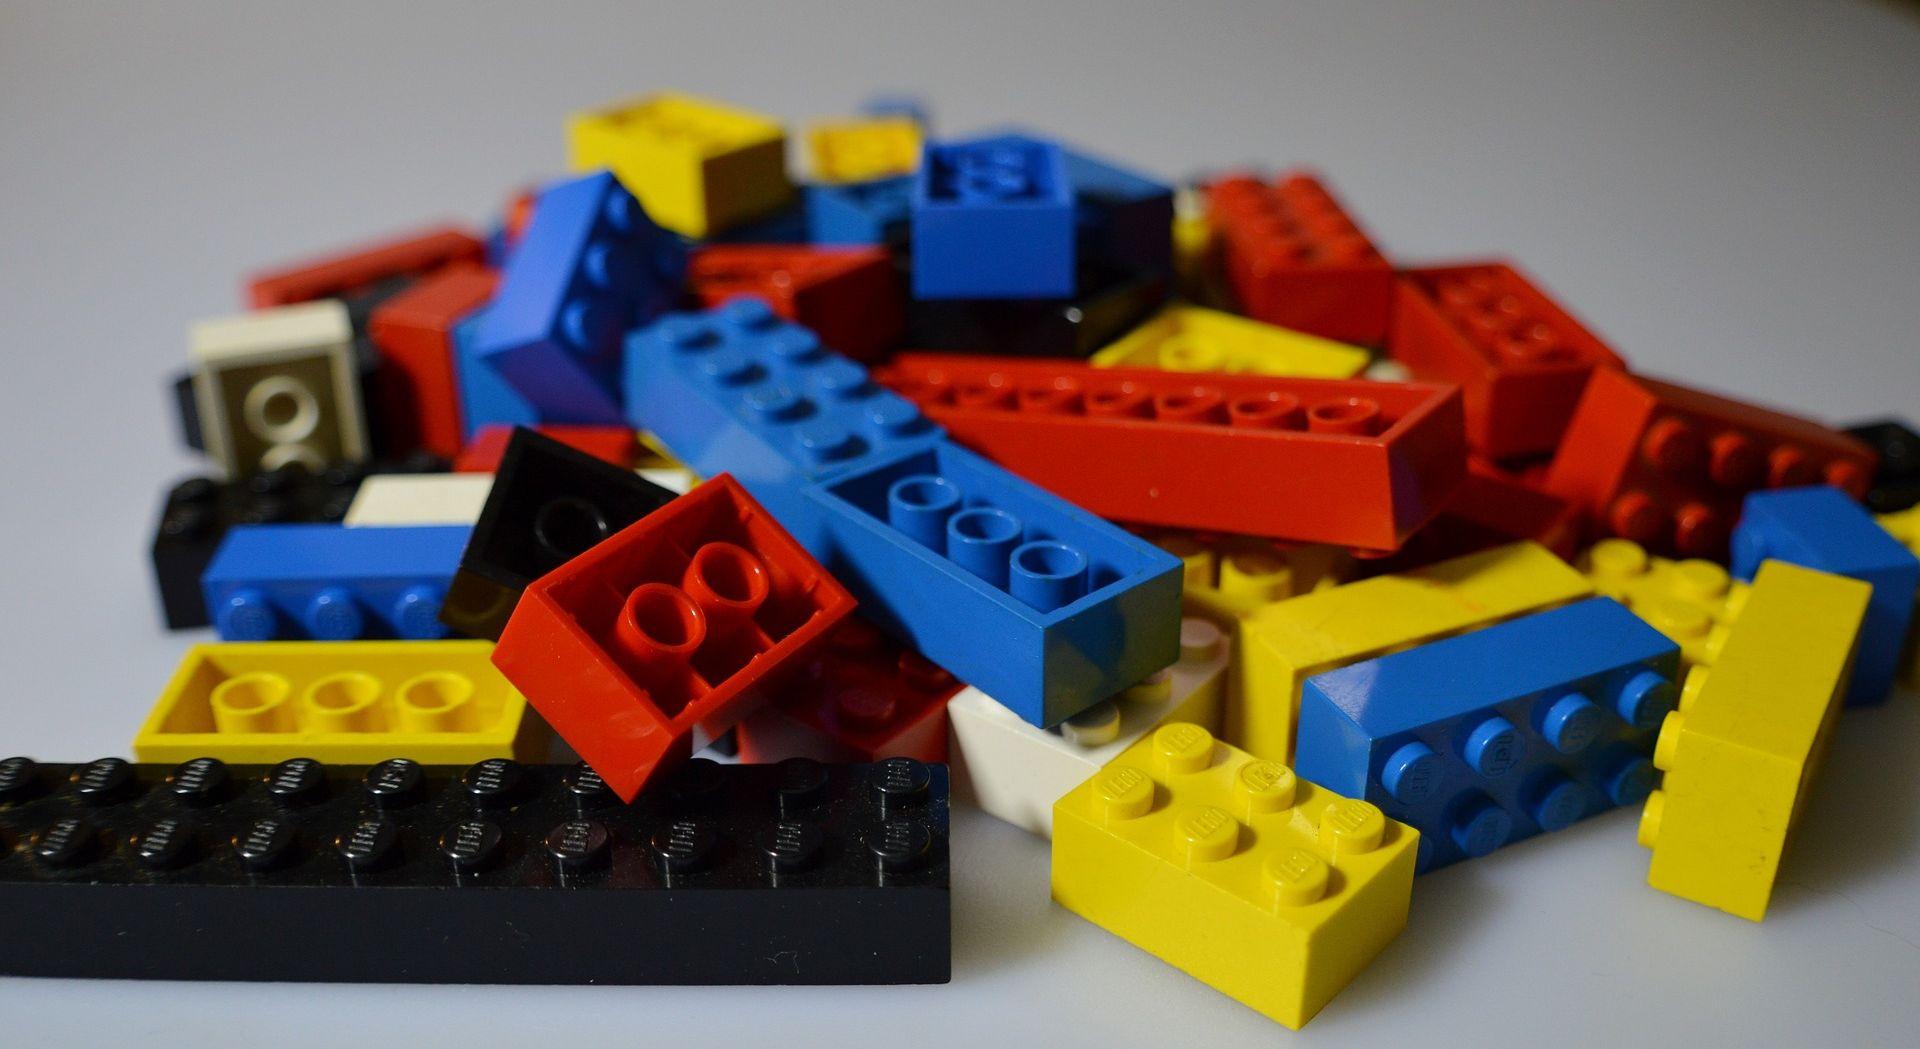 PANIKA U DANSKOJ Lego: Ovih blagdana nećemo imati dovoljno kockica za sve…